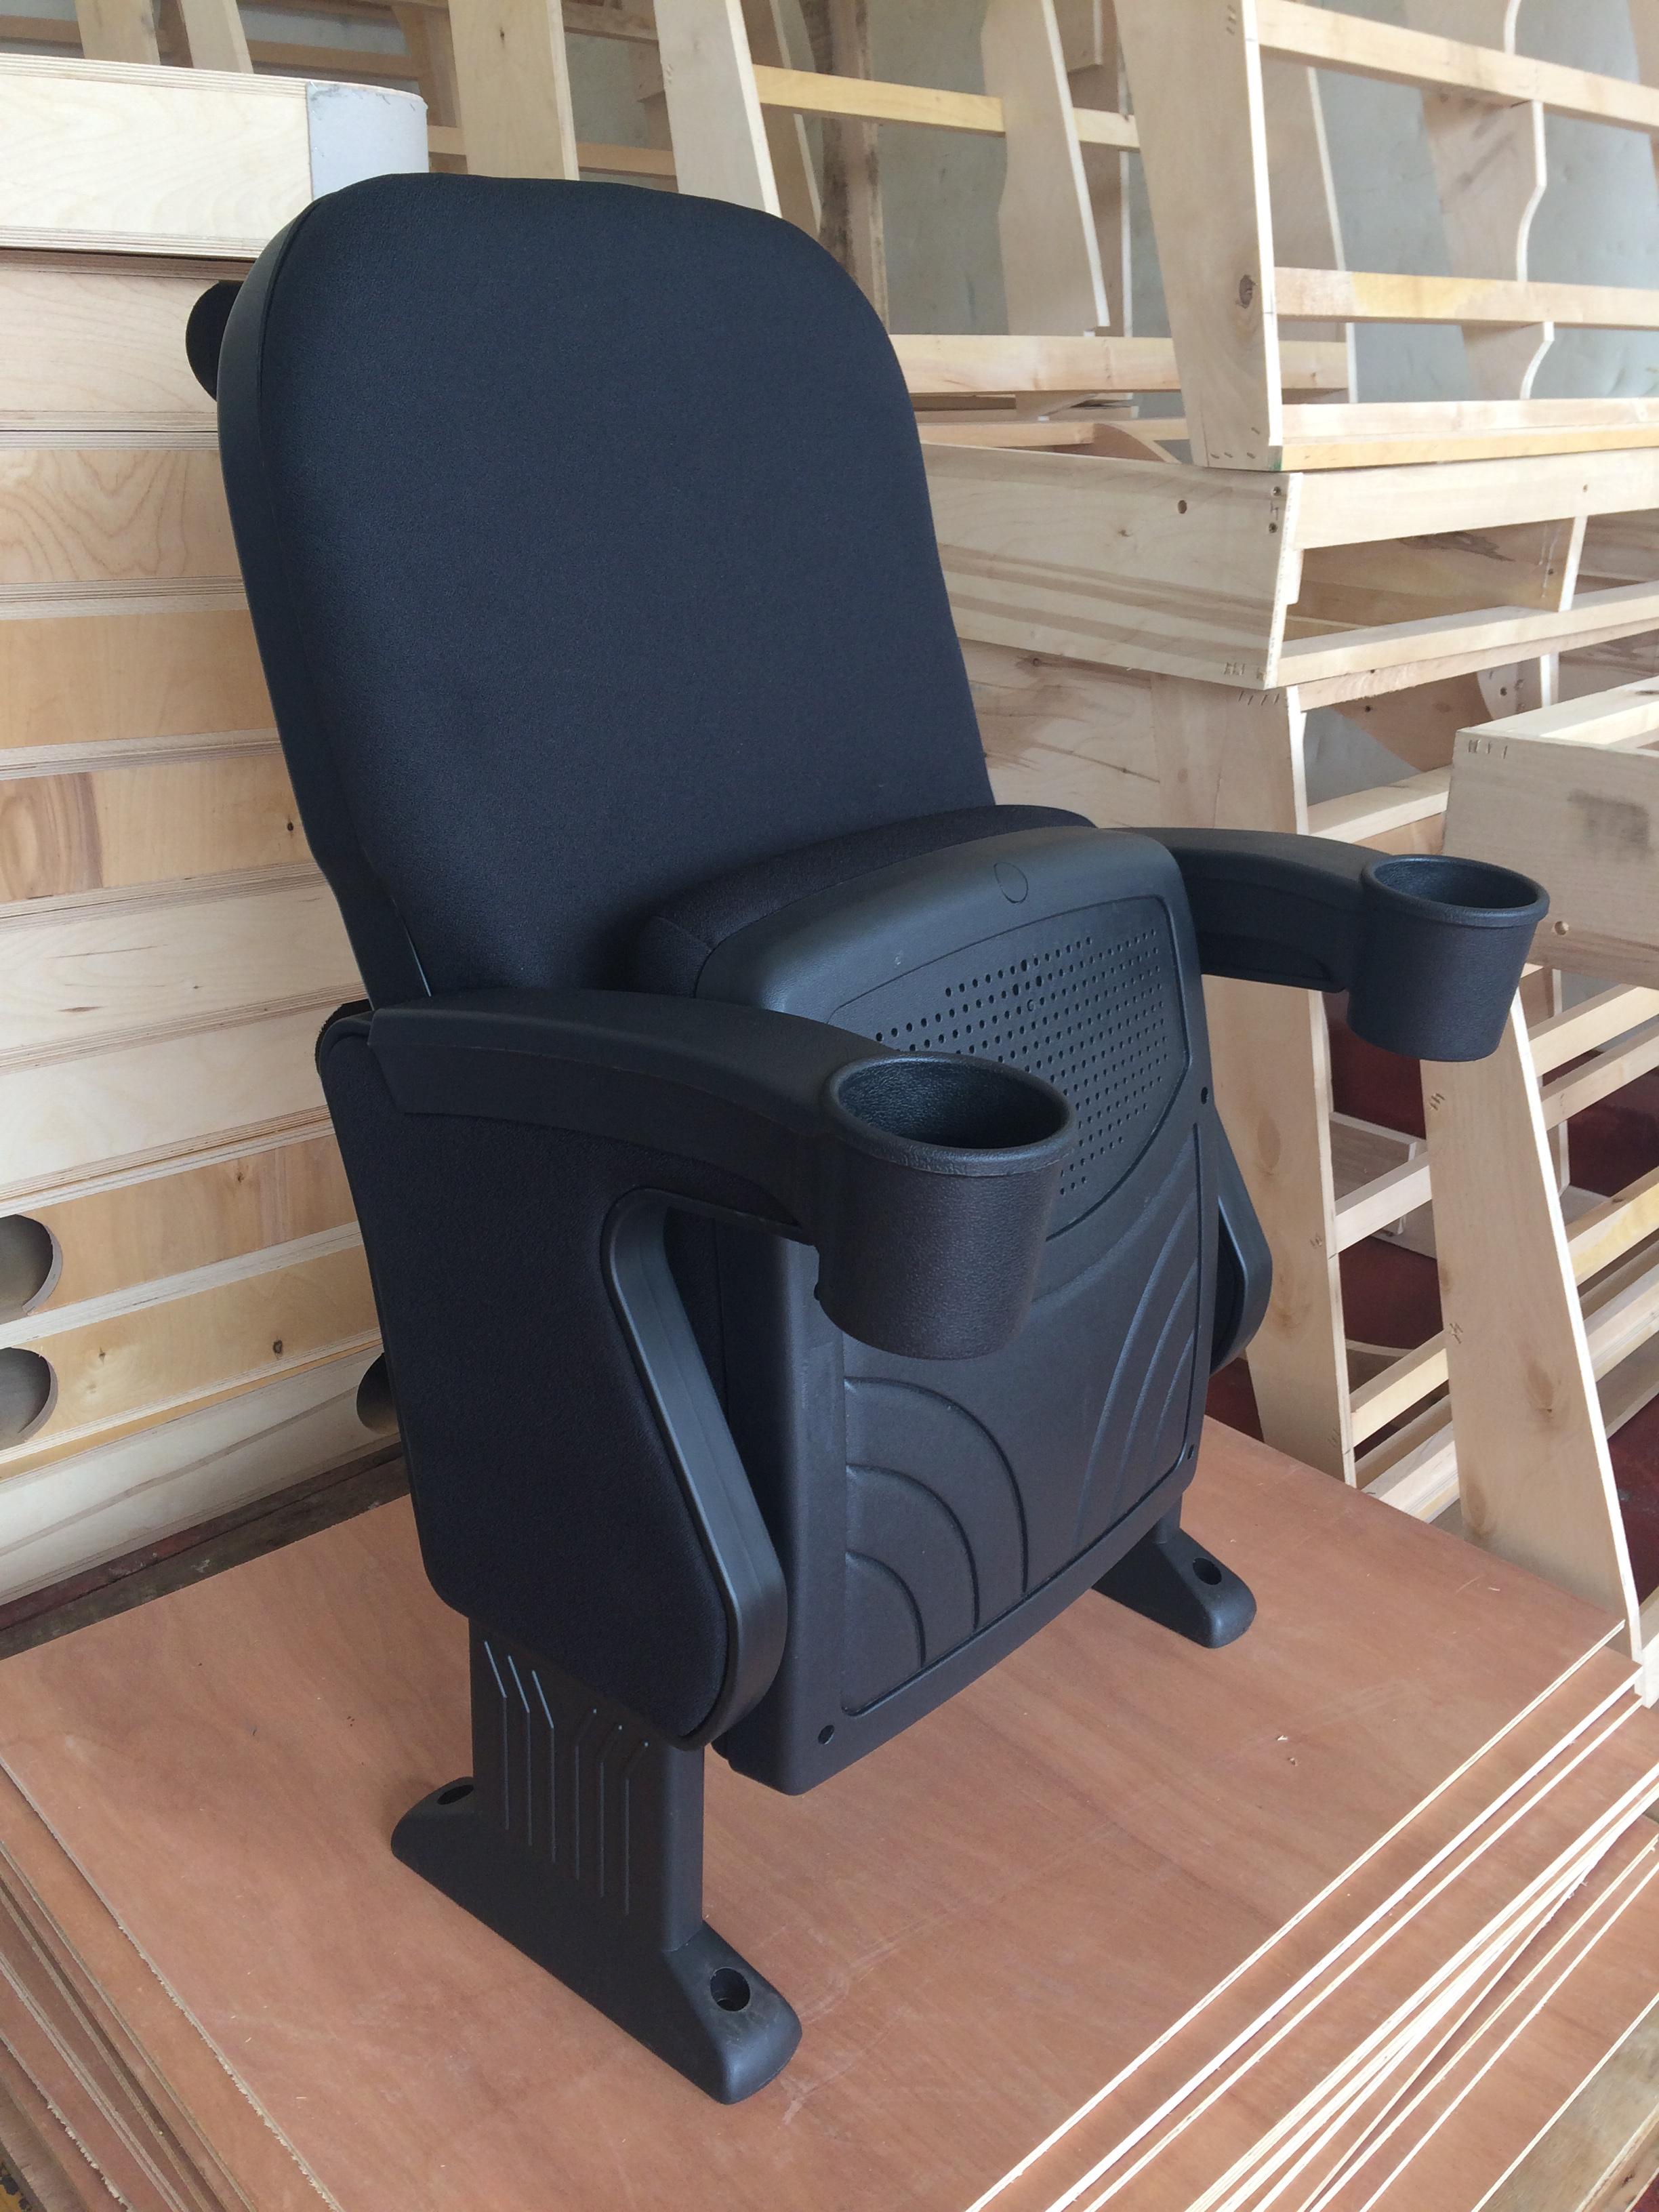 Used & surplus cinema seating My Cinema UK